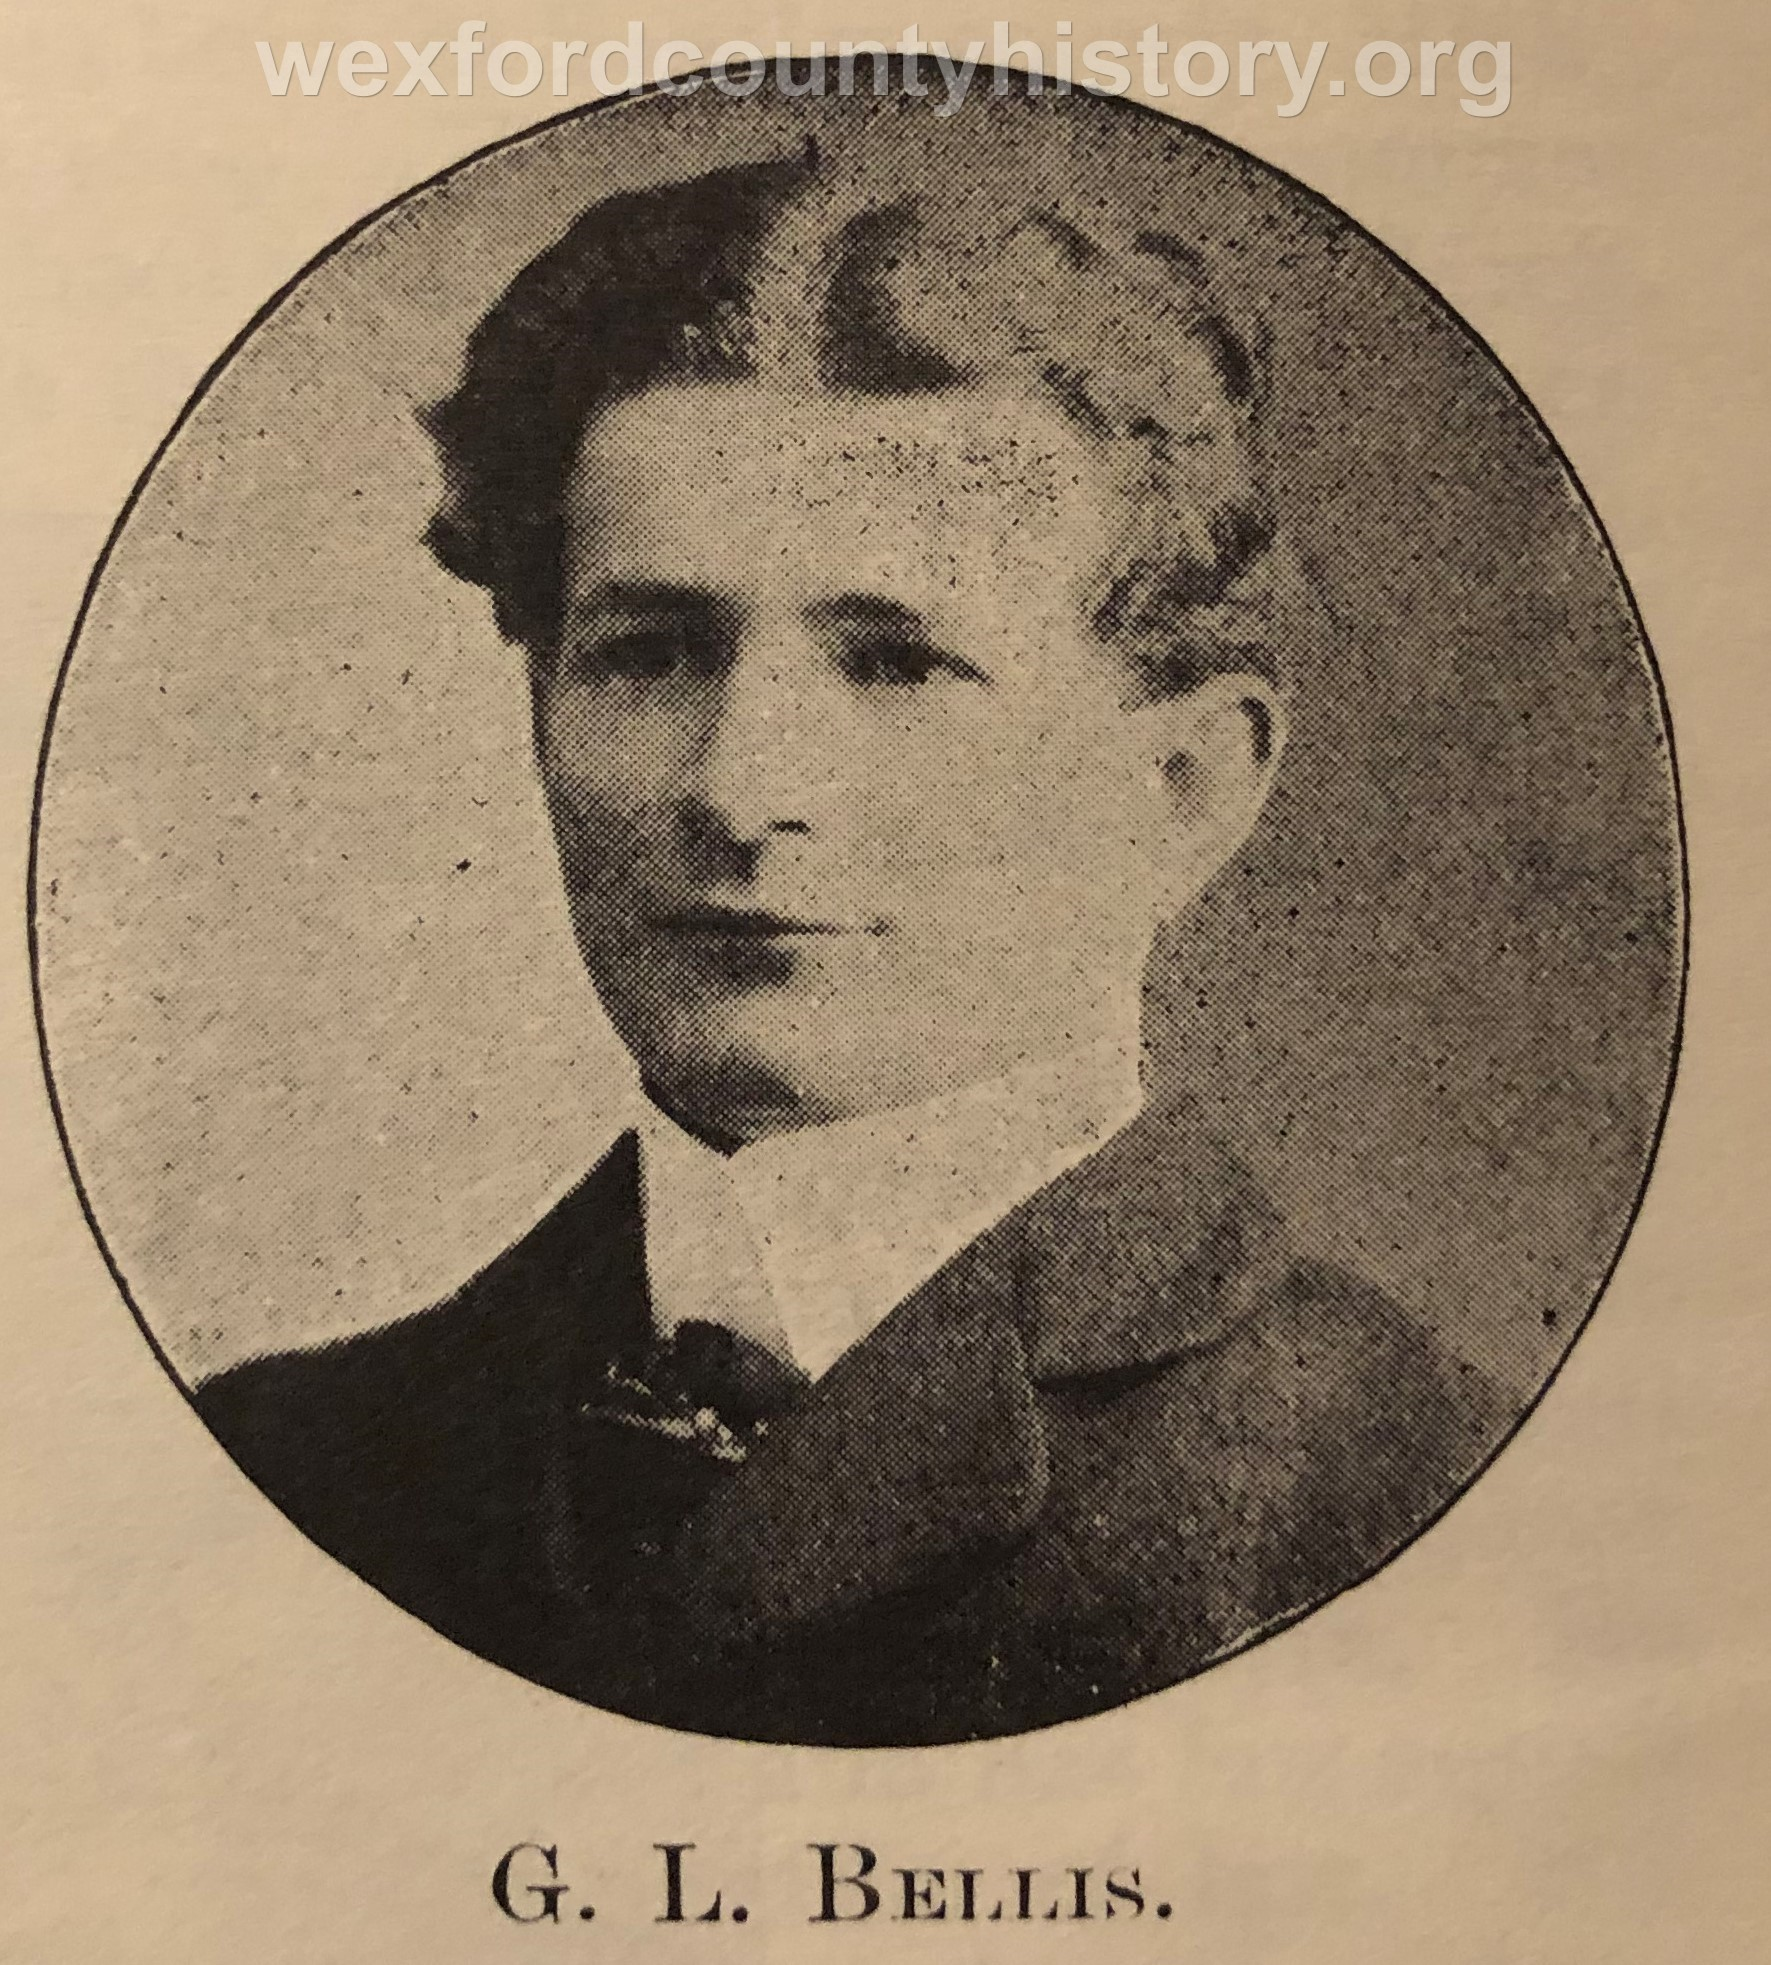 G. L. Bellis